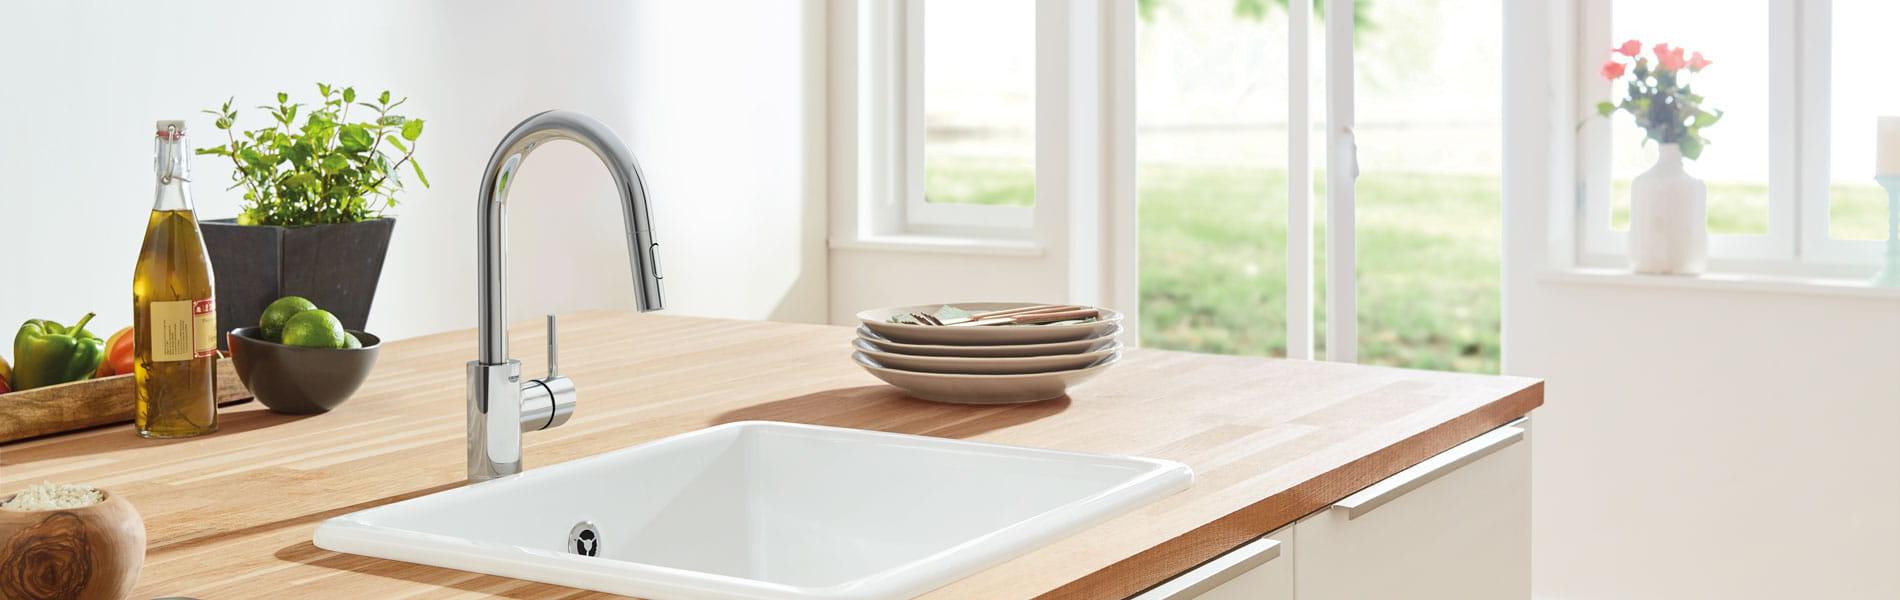 Concetto Kitchen Faucet